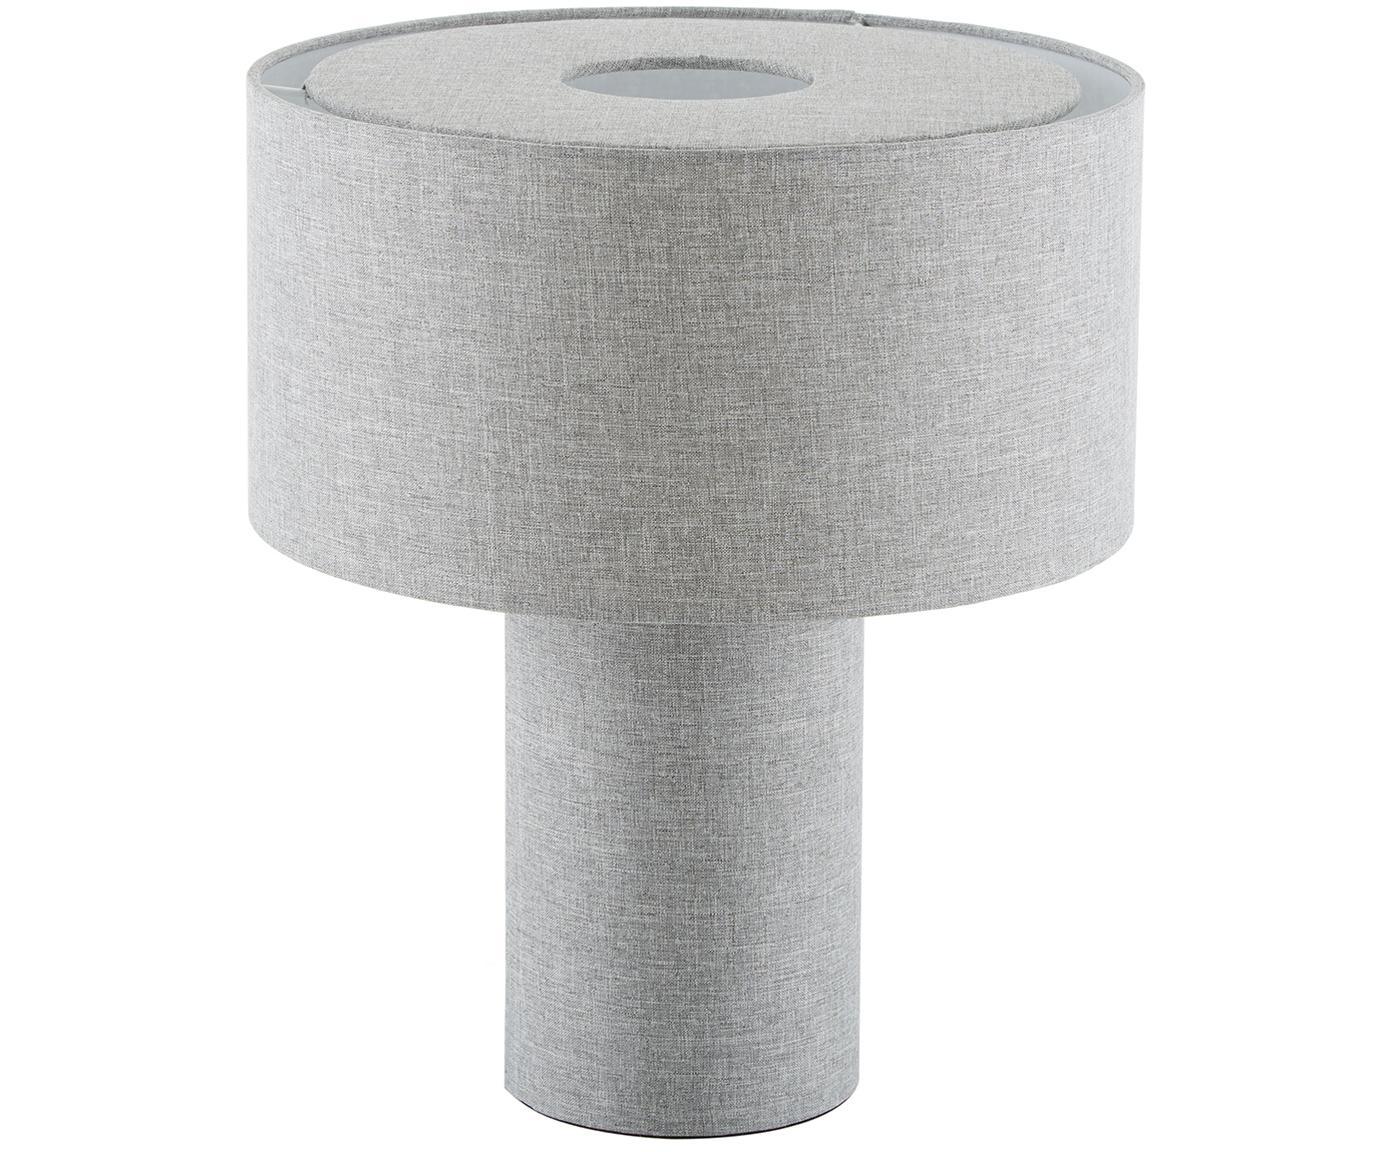 Lampada da tavolo Ron, Paralume: tessuto, Base della lampada: Materiale sintetico con r, Paralume: beige base della lampada:beige cavo: nero, Ø 30 x Alt. 35 cm